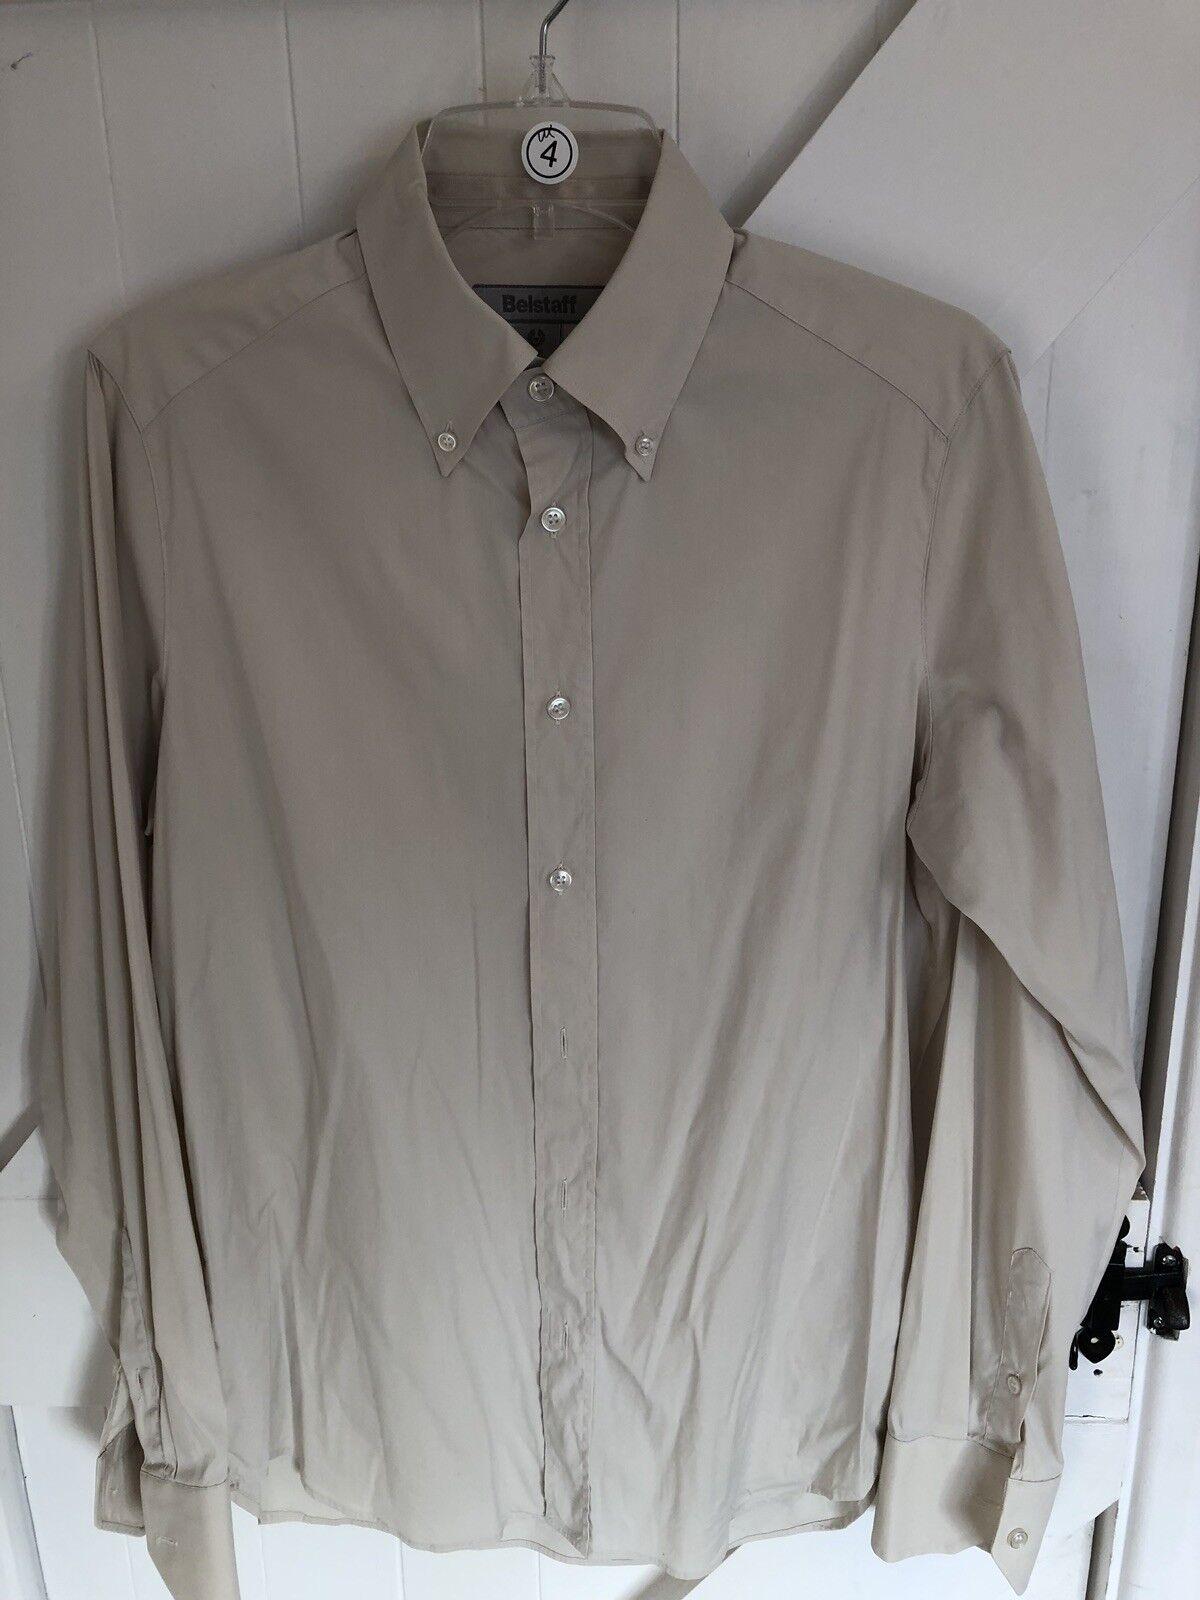 Belstaff Shirt Beige Size M